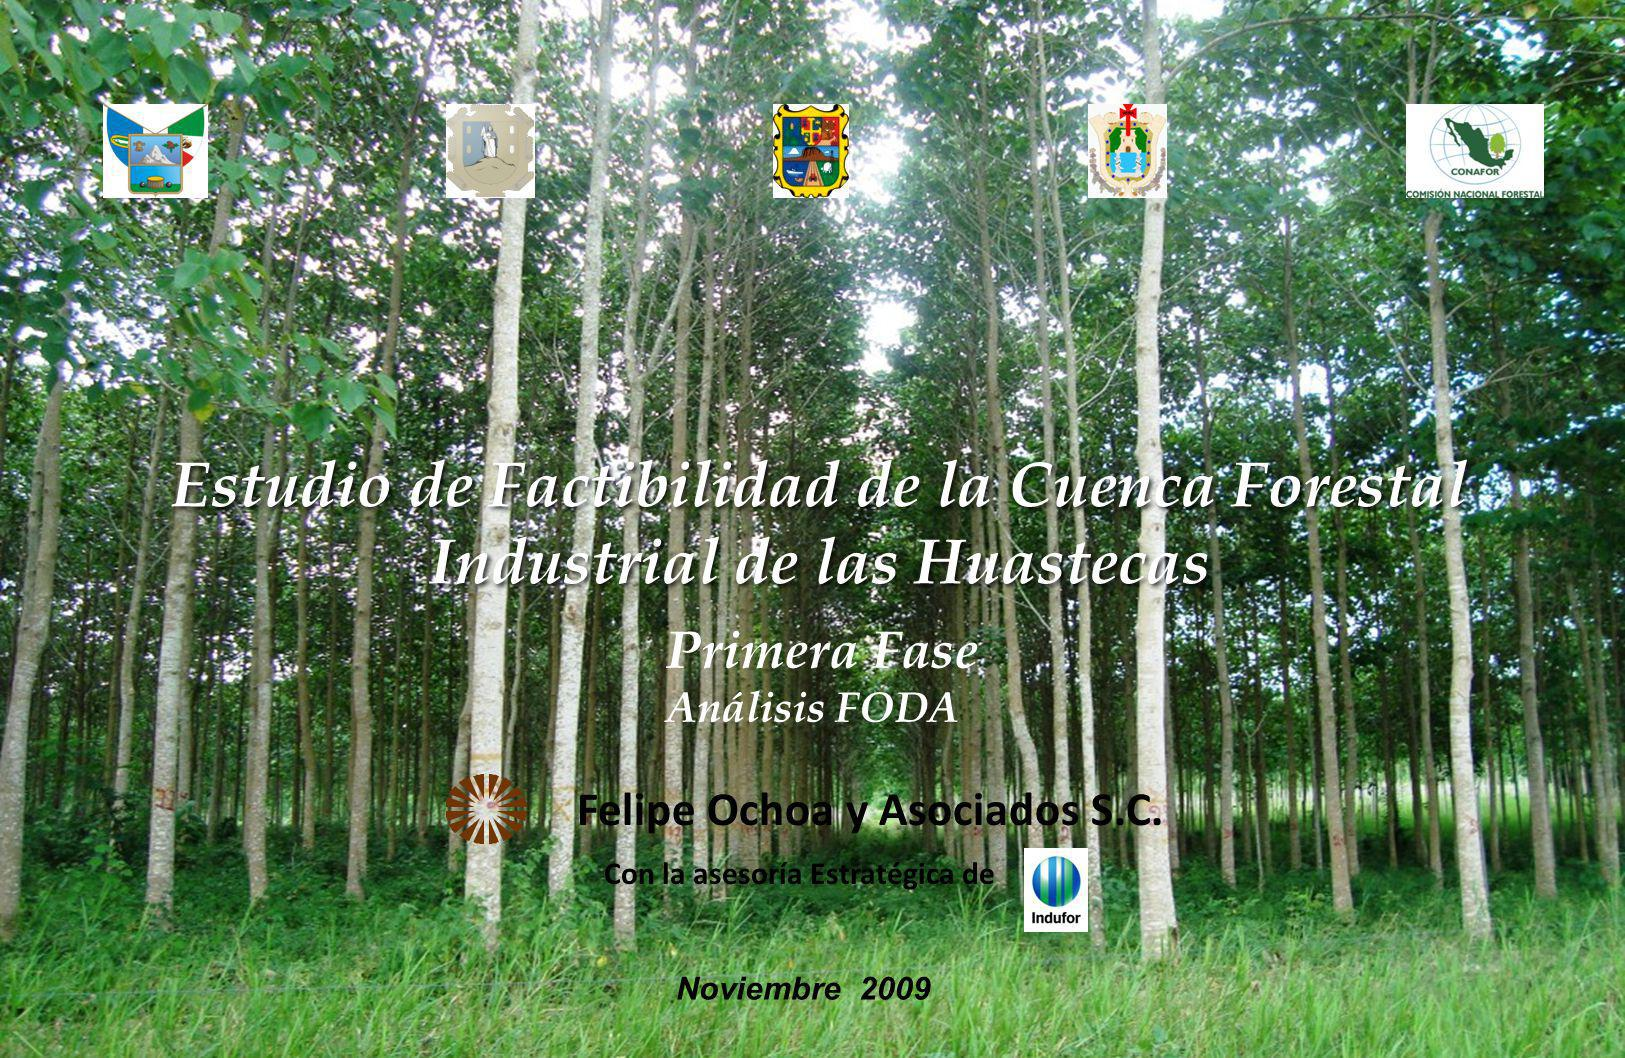 1 Análisis FODA de Recurso y Potencial Forestal (cap. III, IV, VI y X)